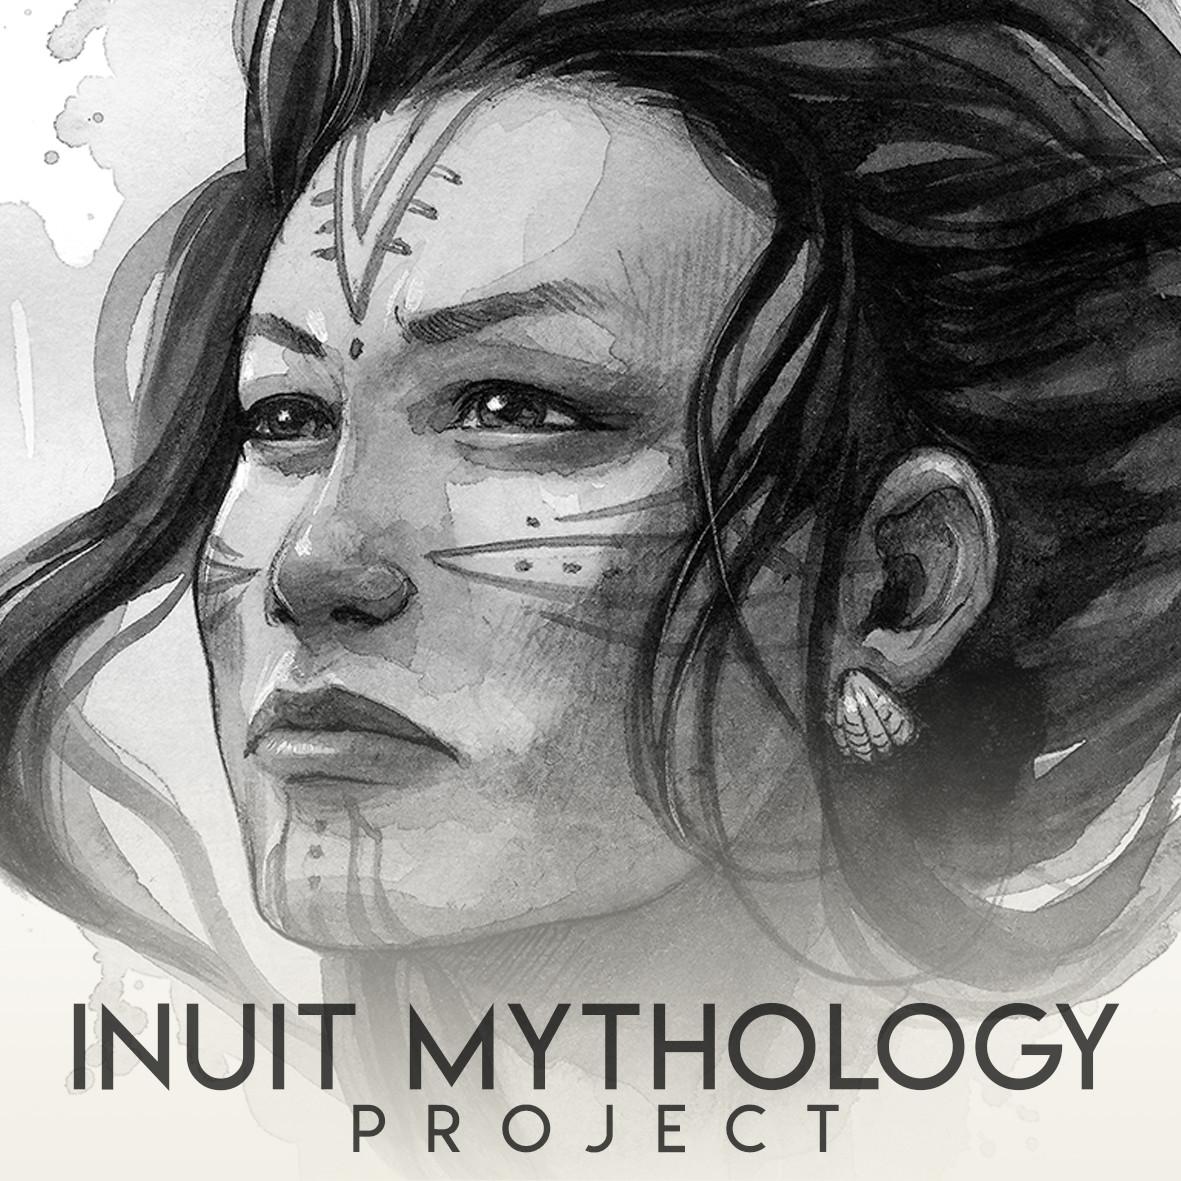 Inuit Mythology Project